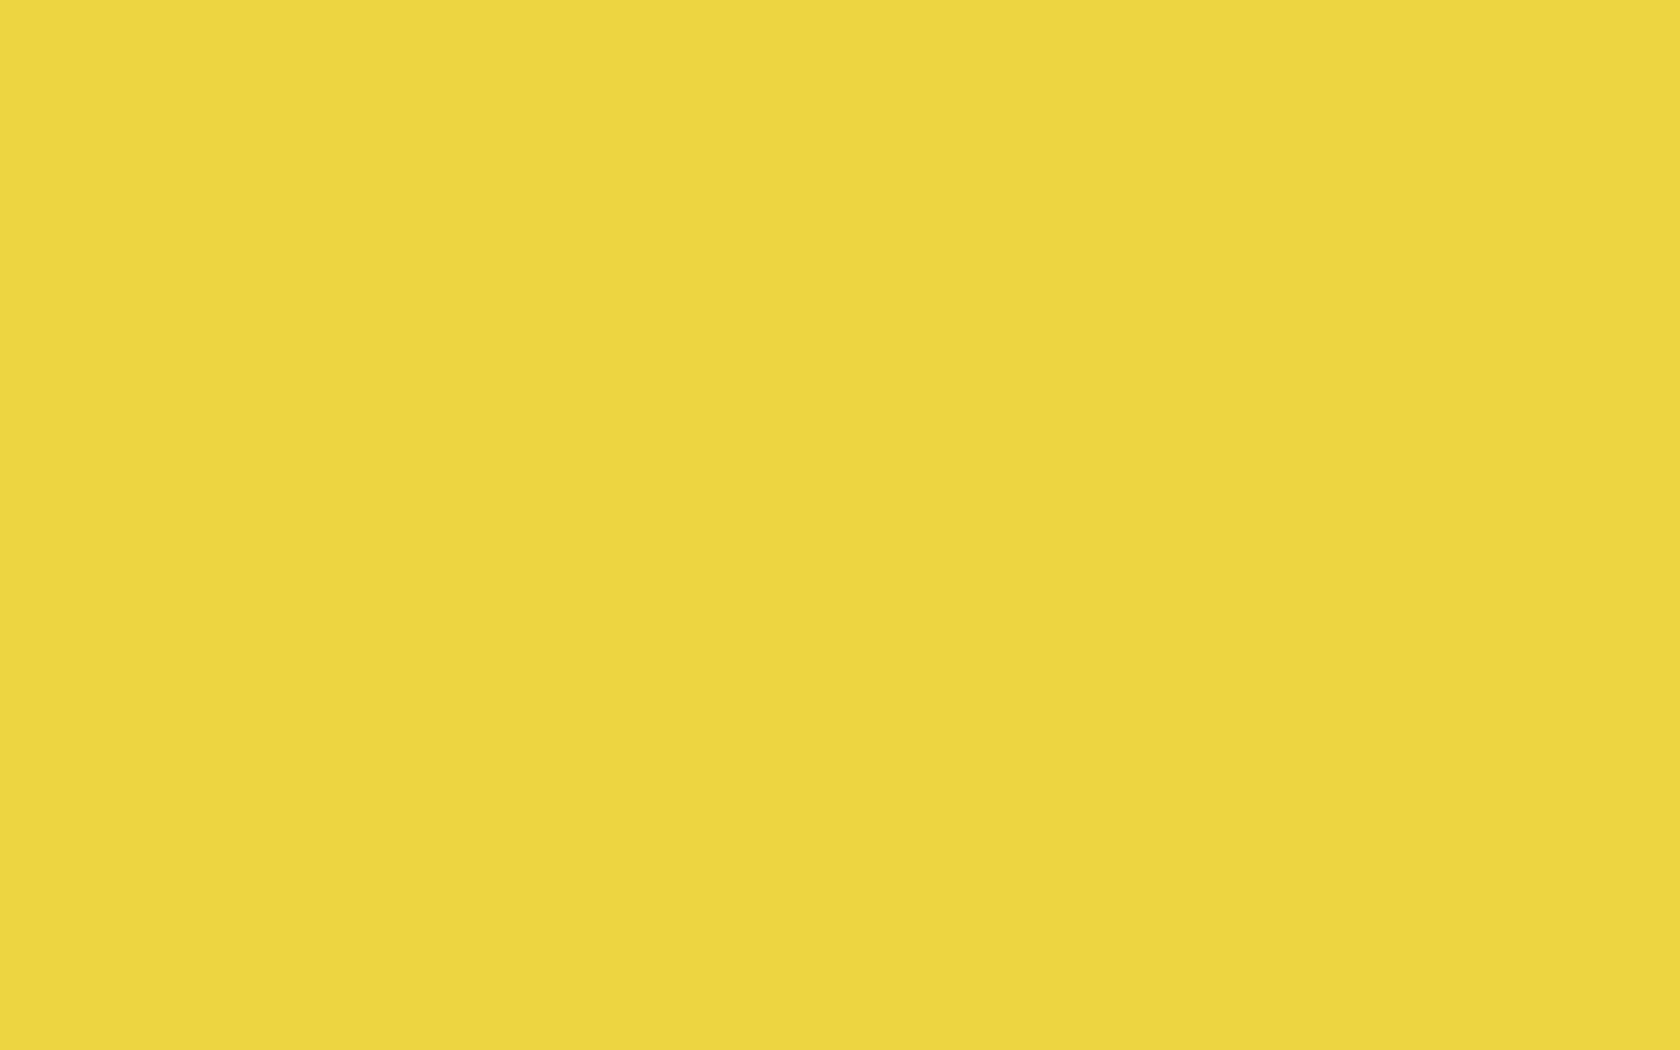 1680x1050 Sandstorm Solid Color Background